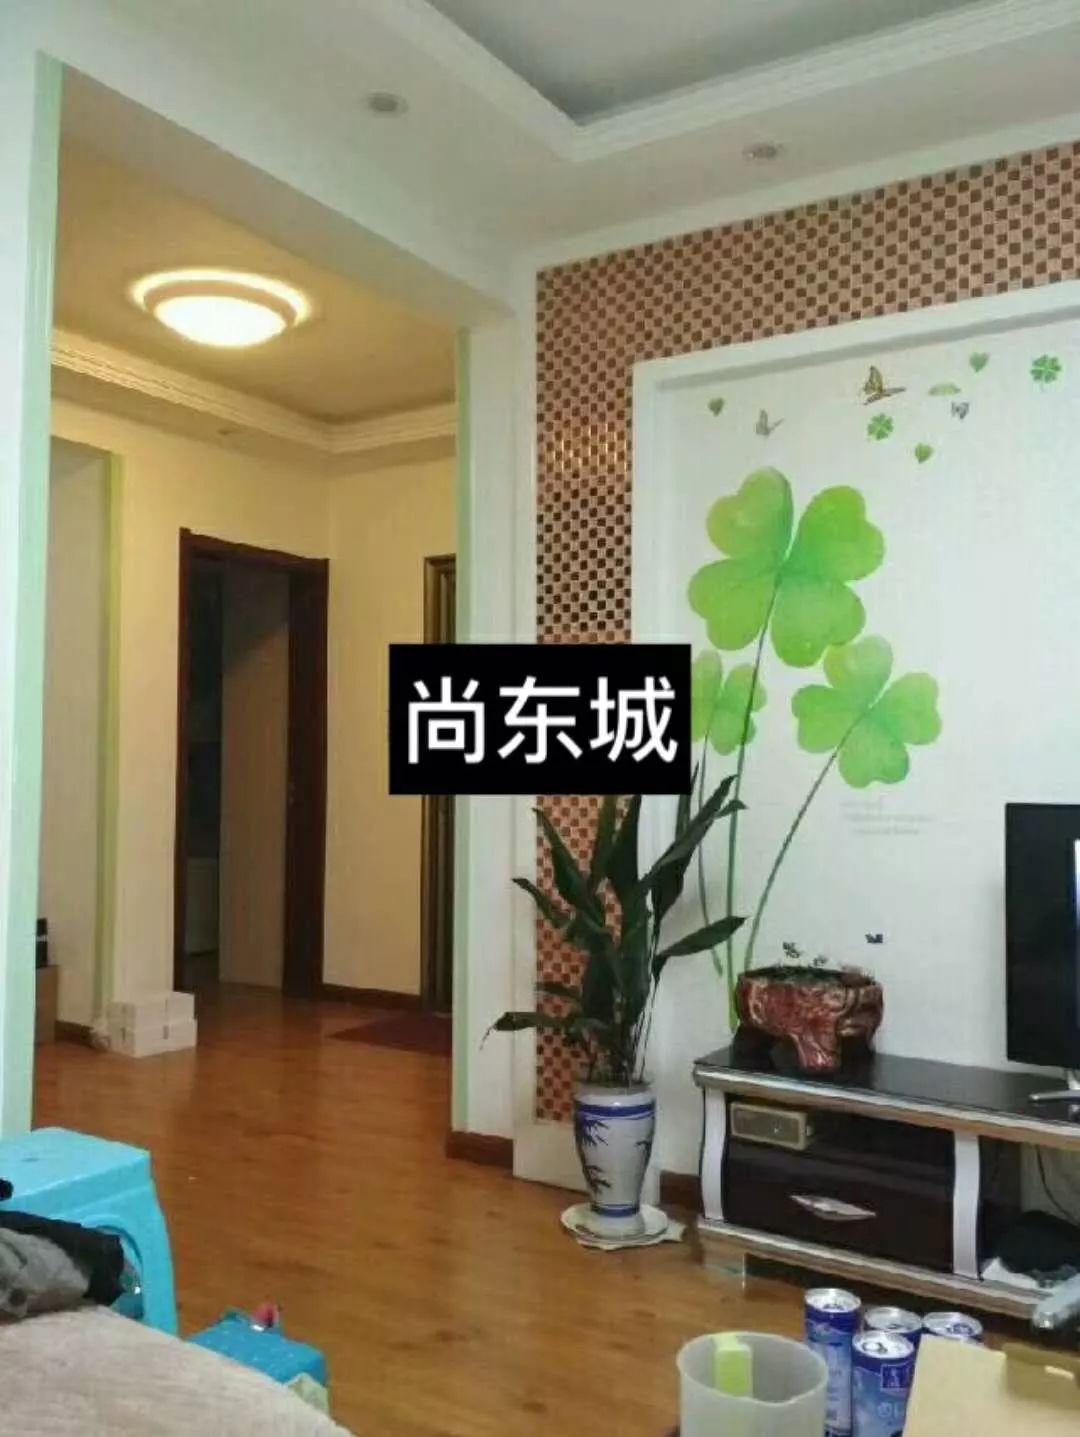 北城 尚东城 2室 2厅 85平米 整租